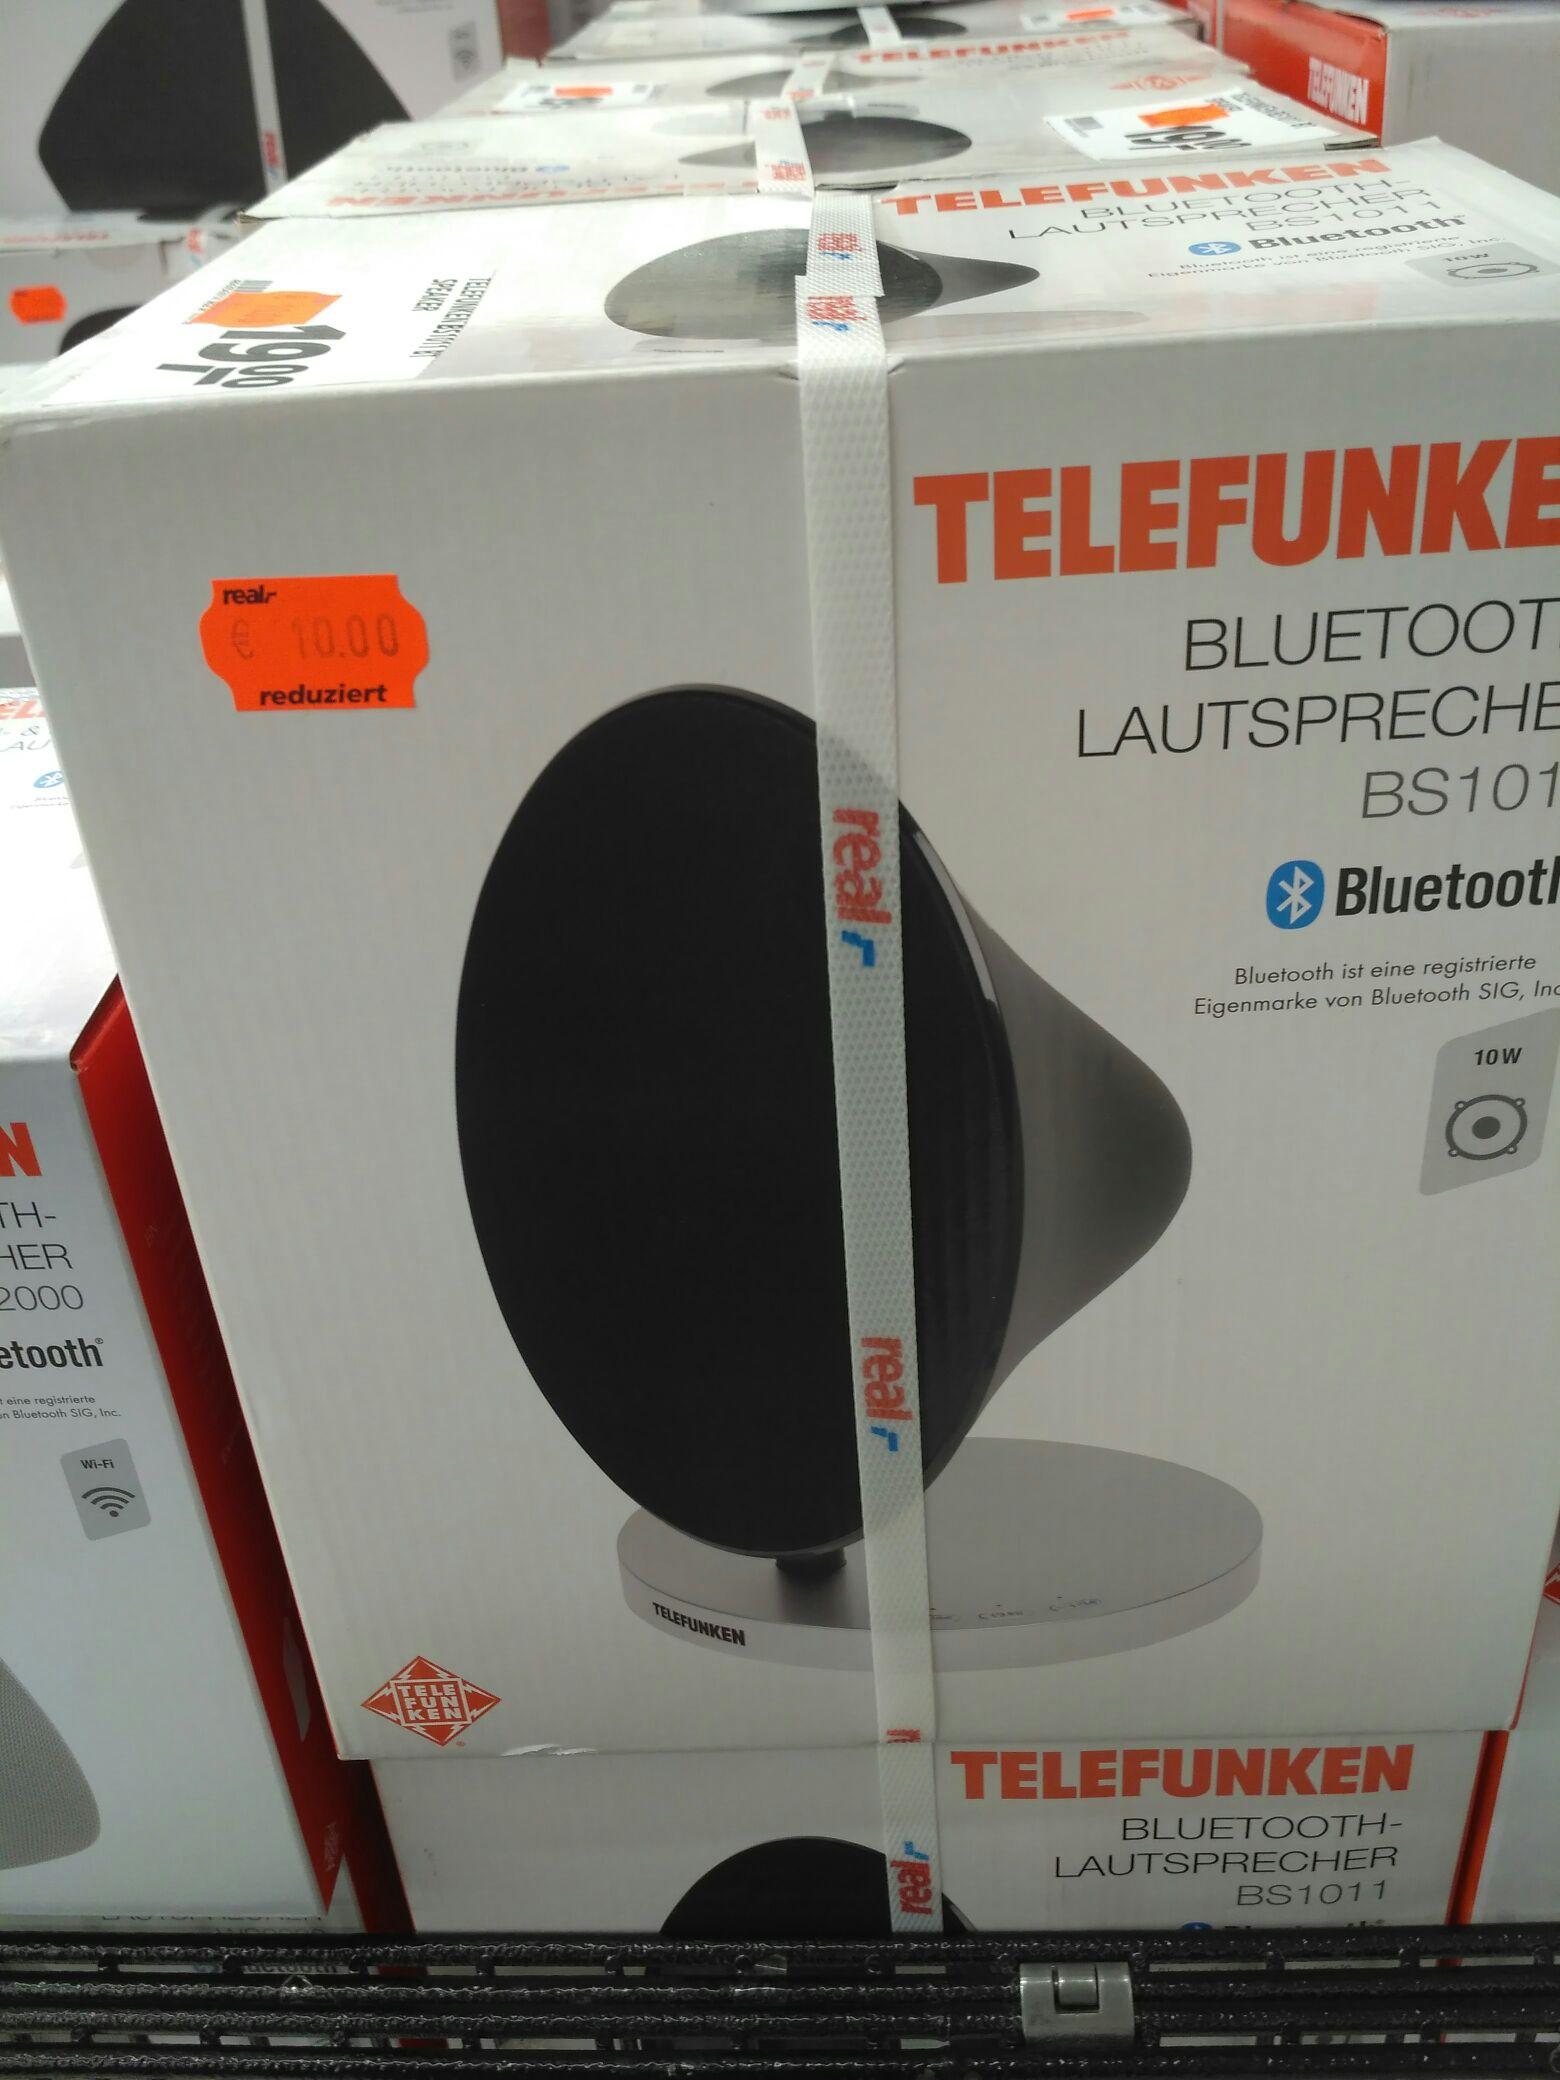 Lokal Würzburg real Bluetooth Lautsprecher 50% reduziert